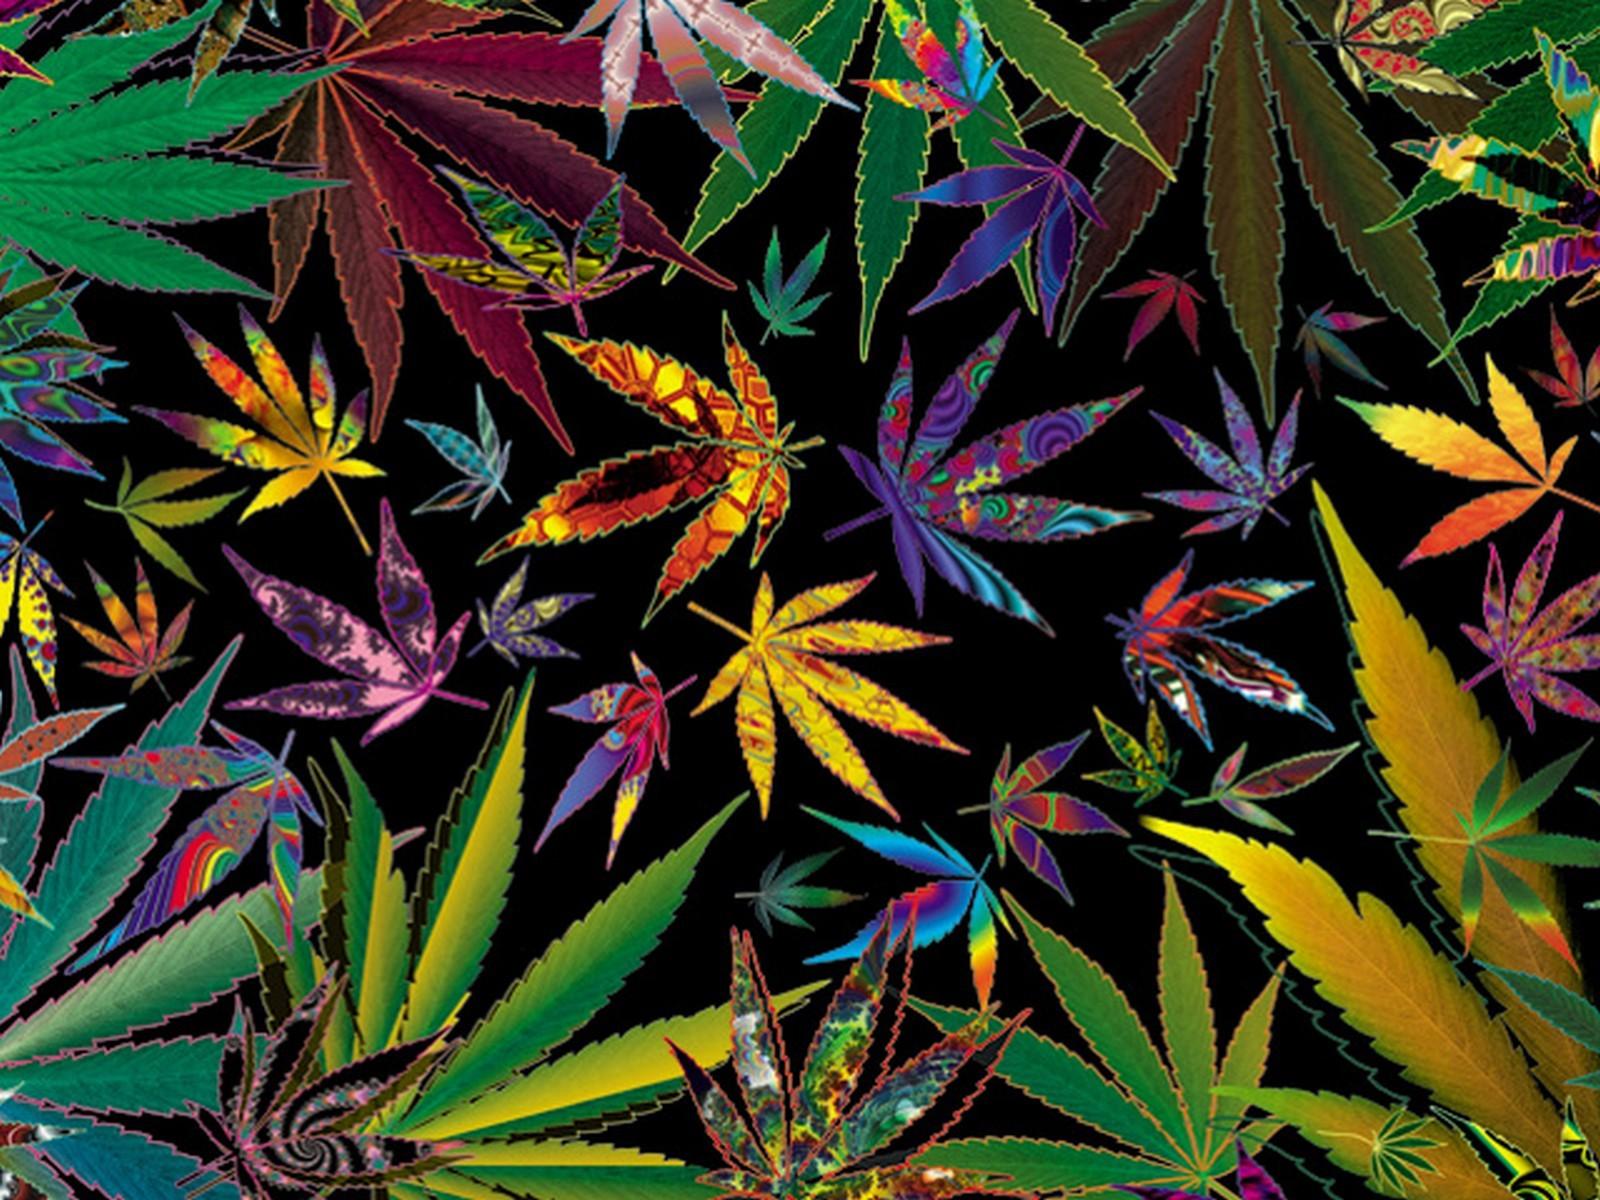 Trippy Stoner Wallpaper Wallpapersafari